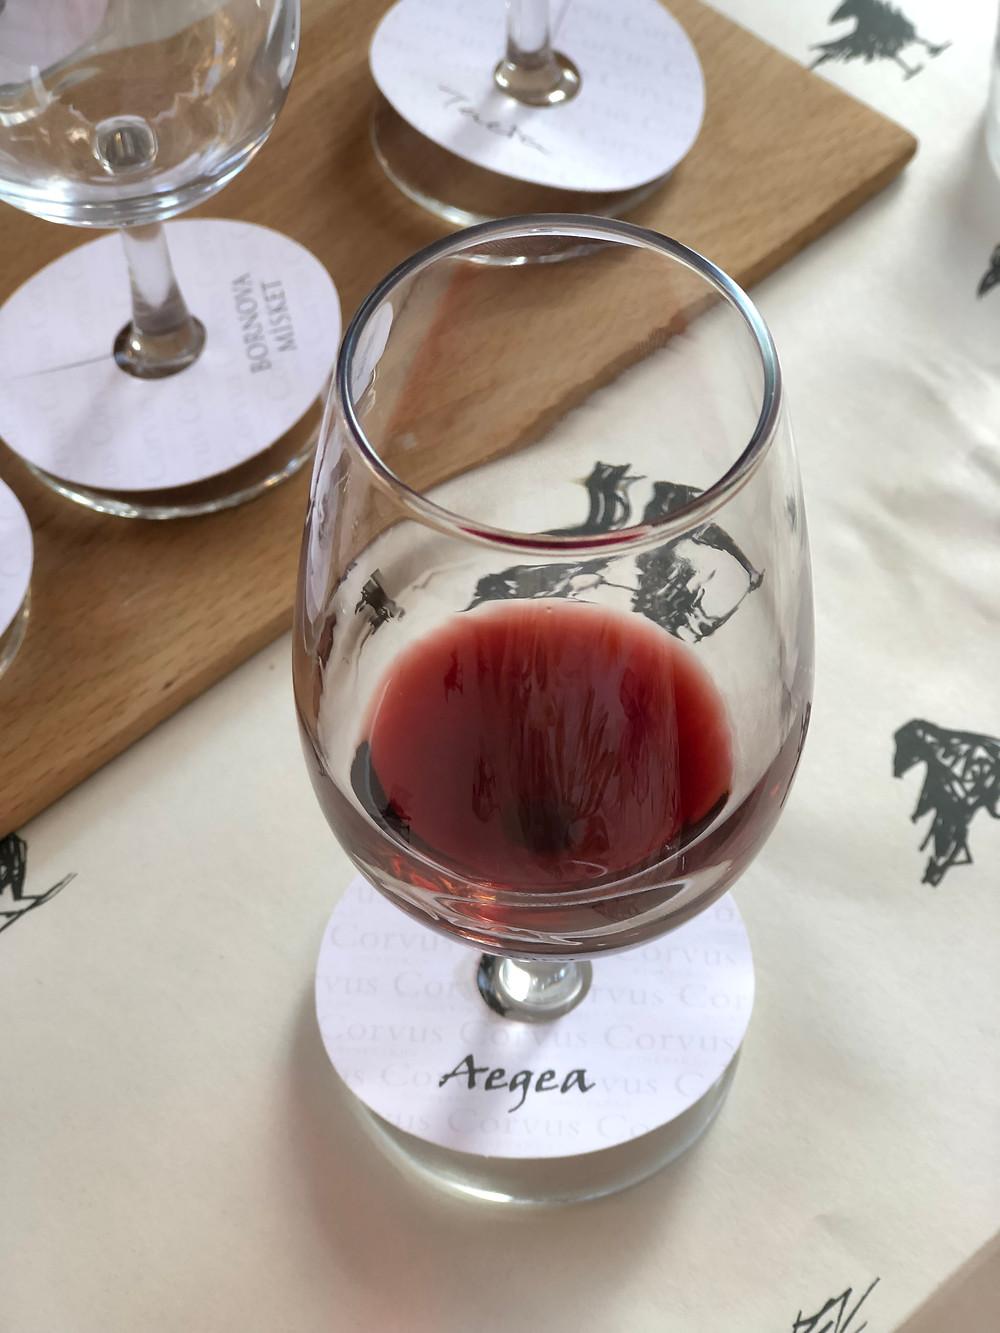 Wine tasting and wine tour on Bozcaada island at Corvus winery tasting local grape varieties at Wine & Bite